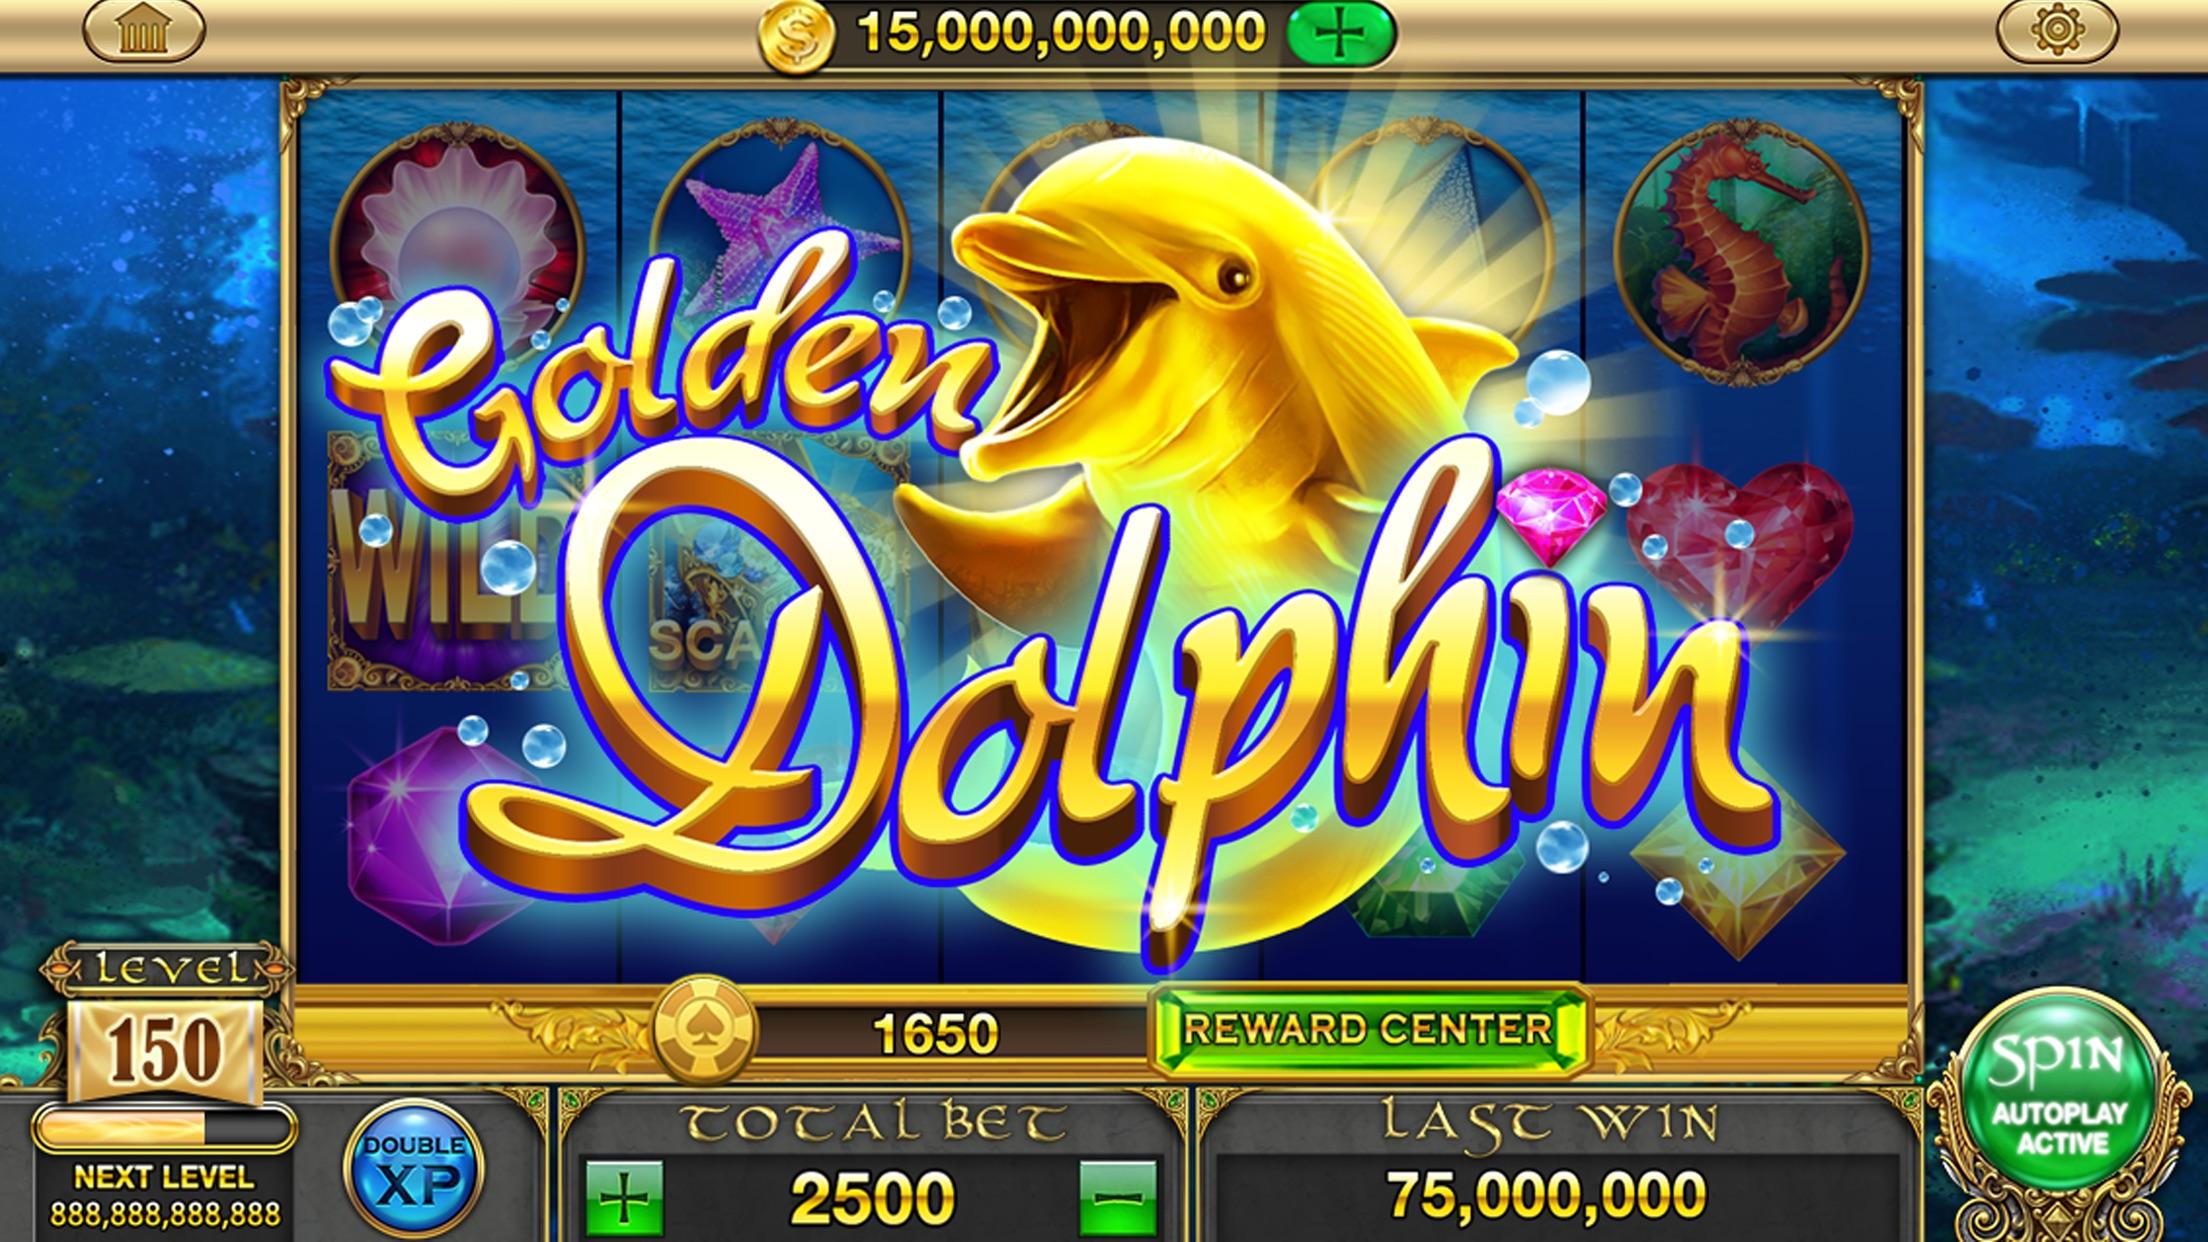 Gold Dolphin Casino Slots - Real Rewards Screenshot